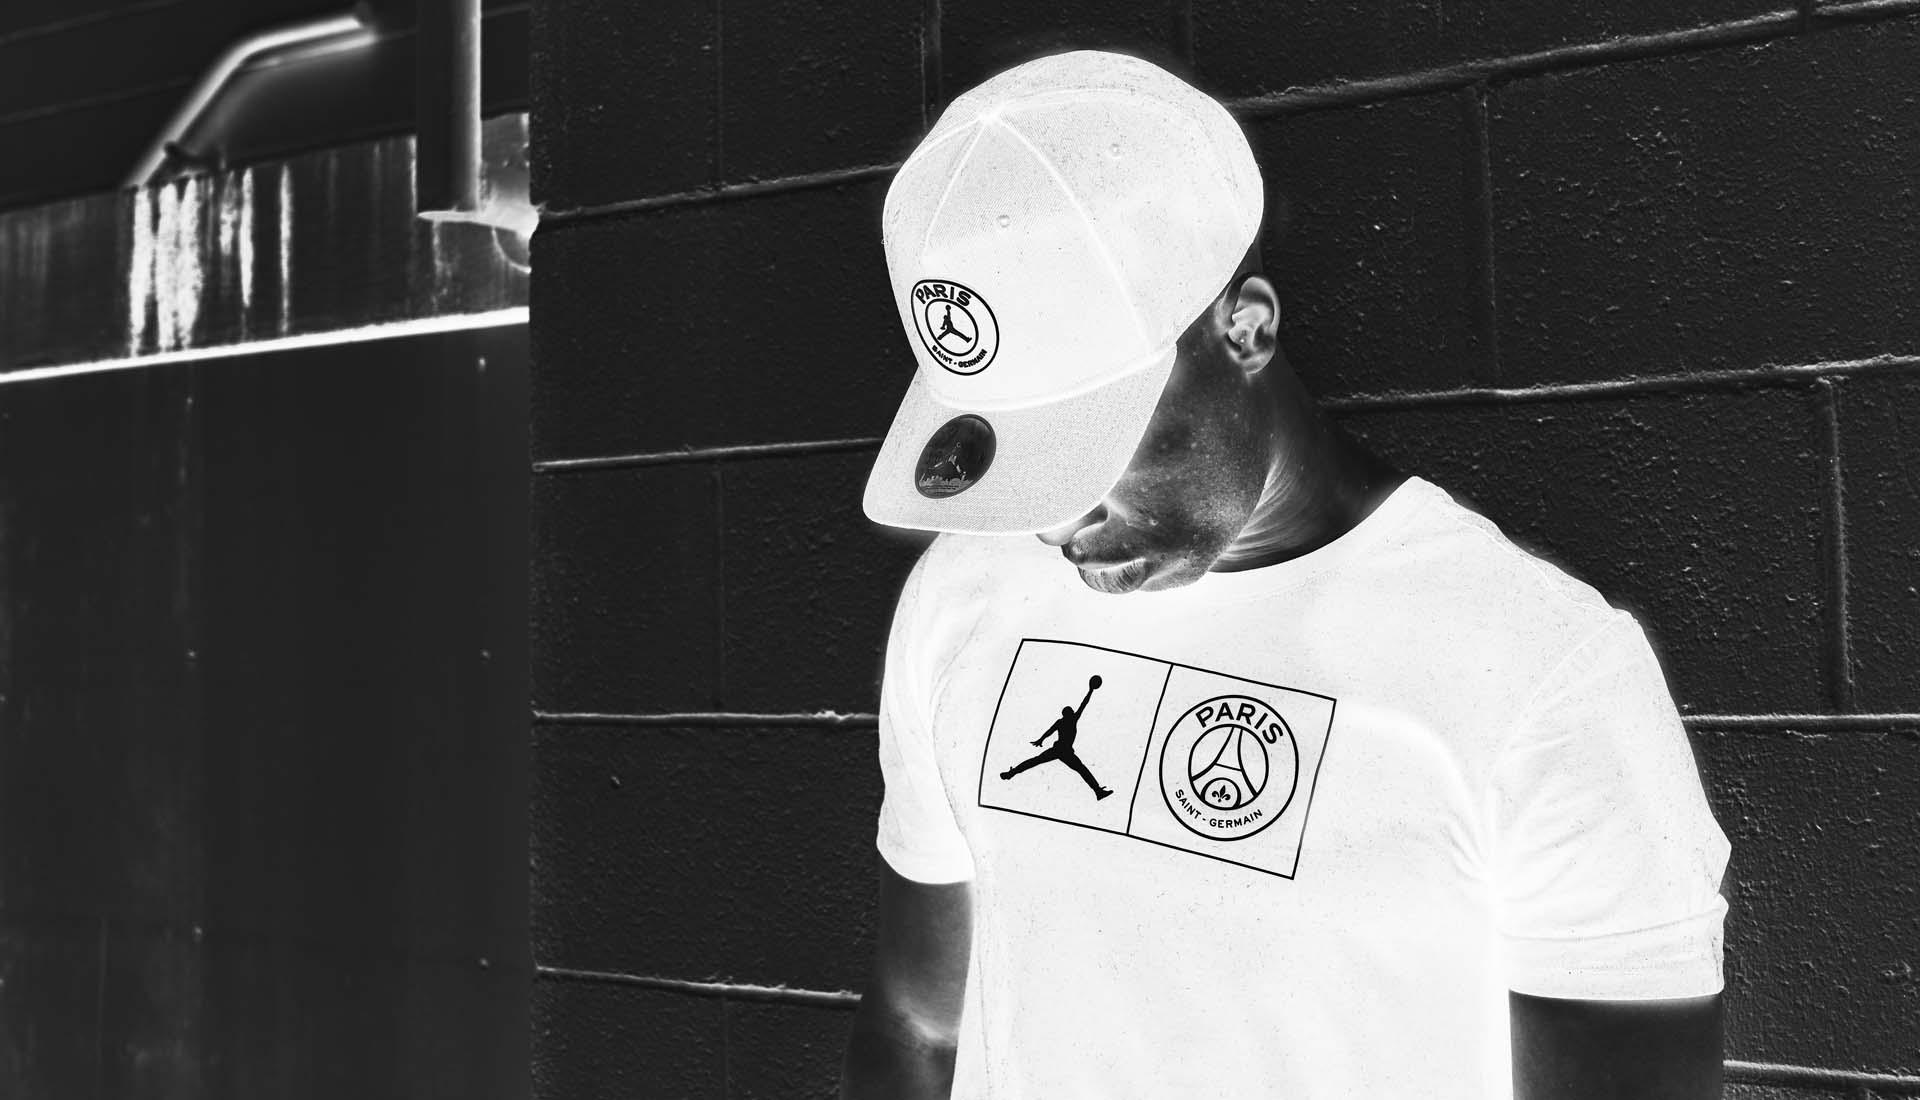 3093ca69 PSG x Jordan Drop Fresh Clothing Capsule - SoccerBible